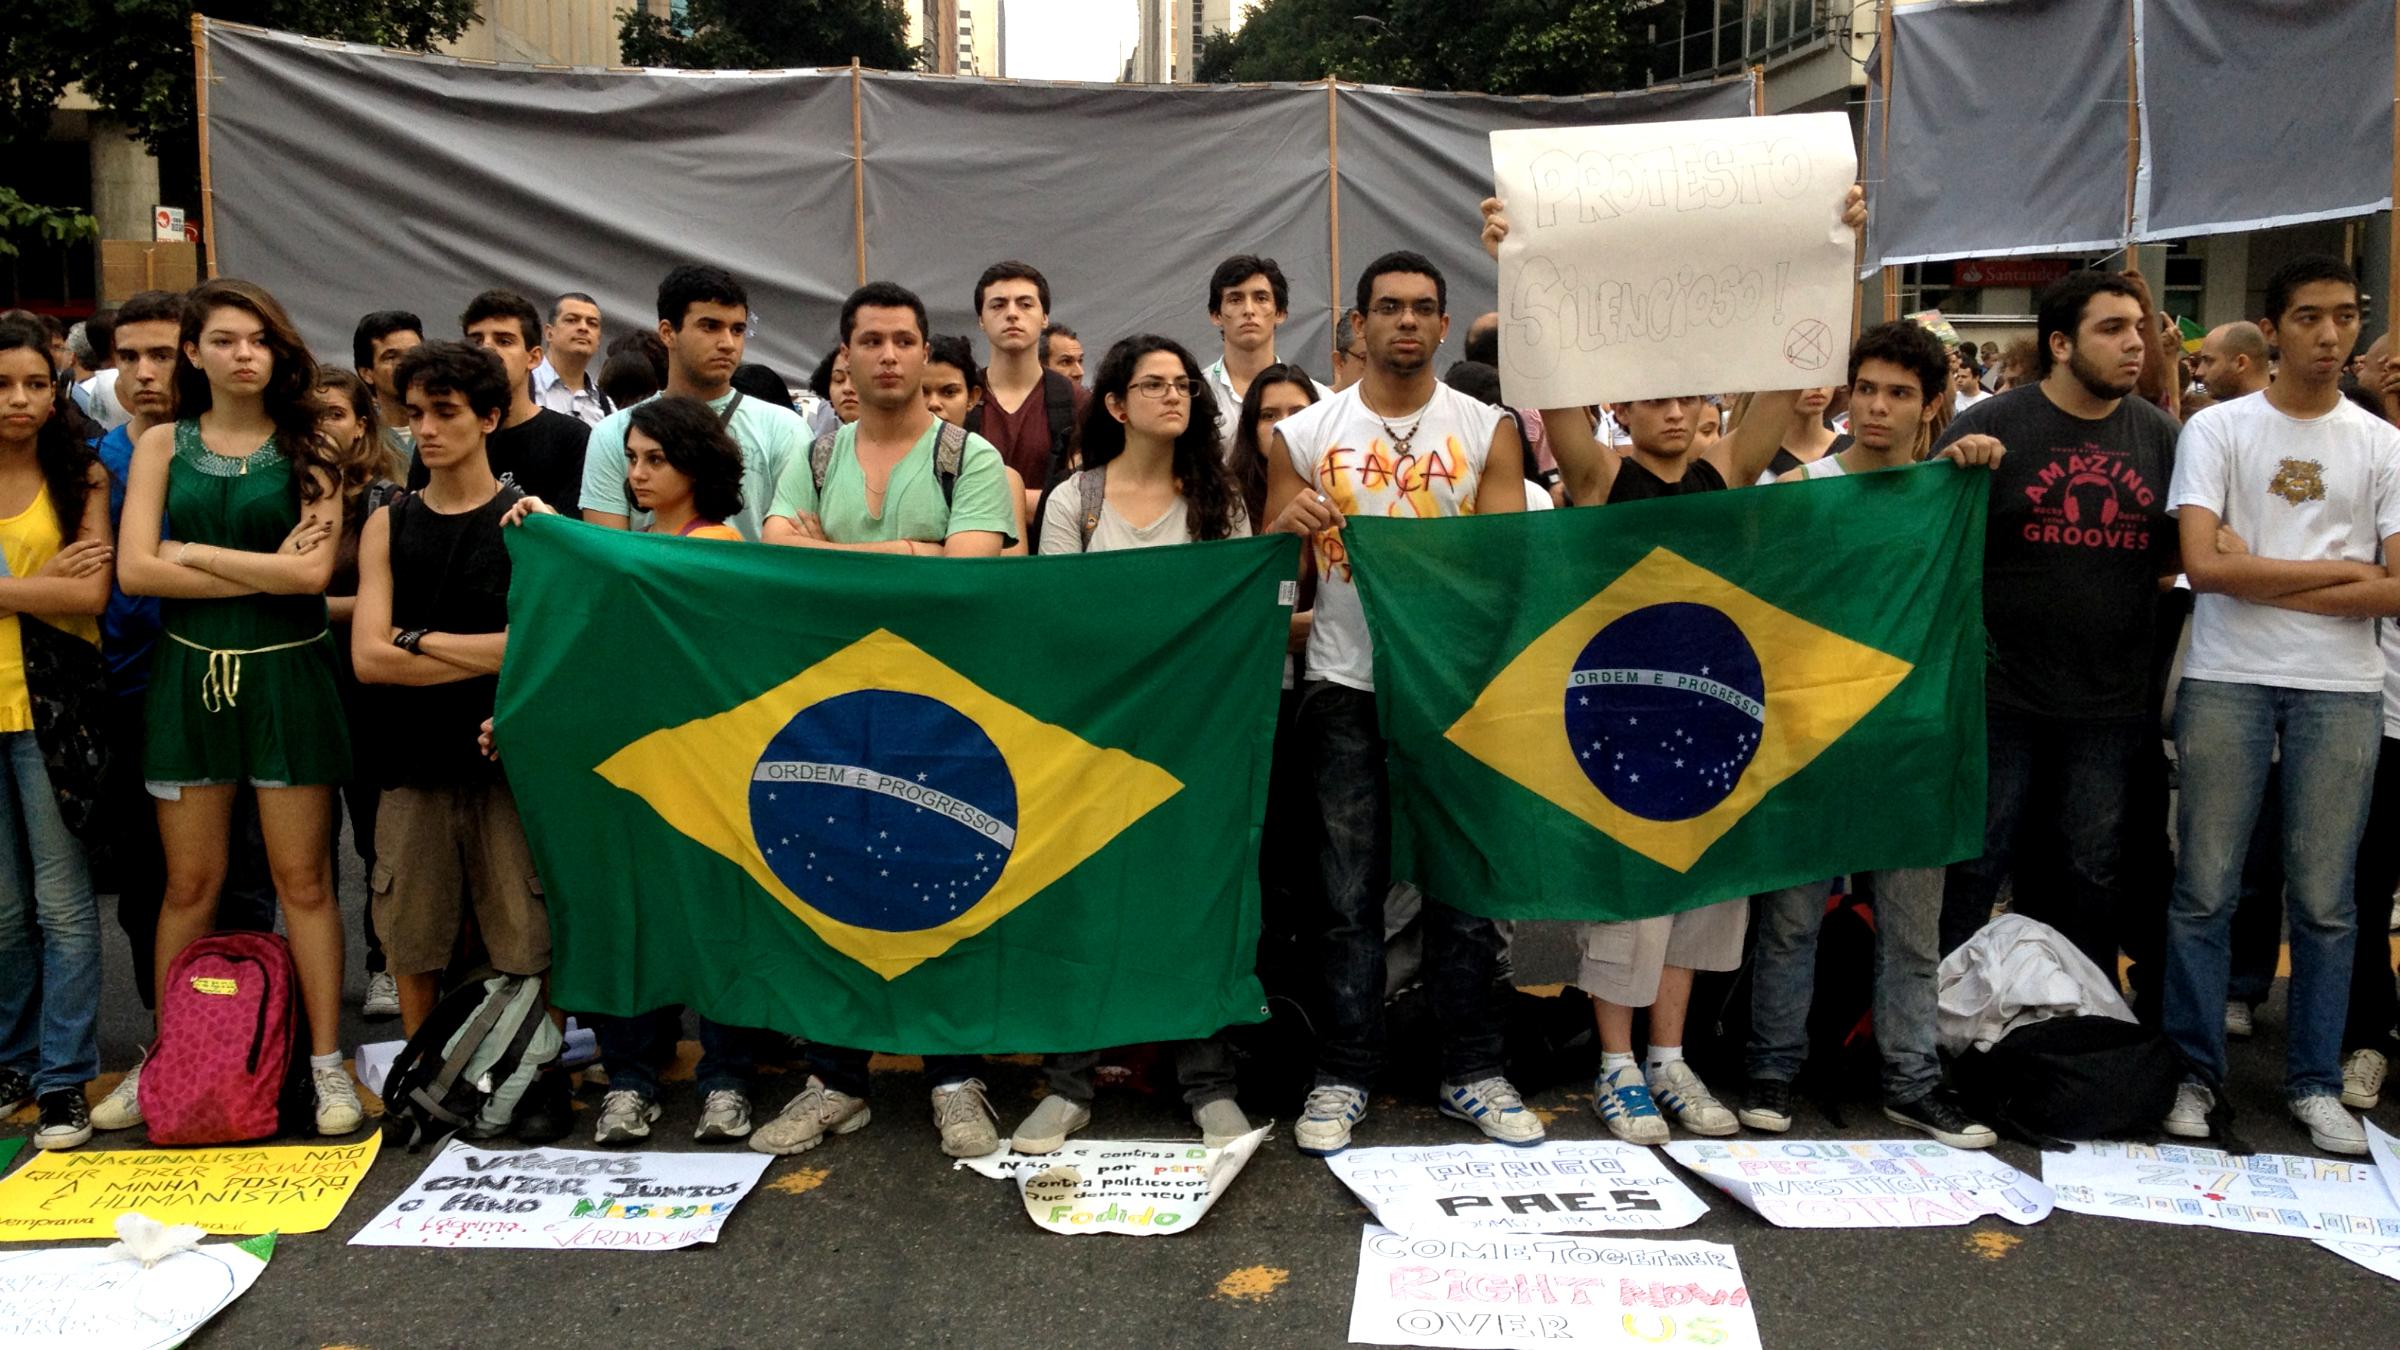 Silent protest in Rio